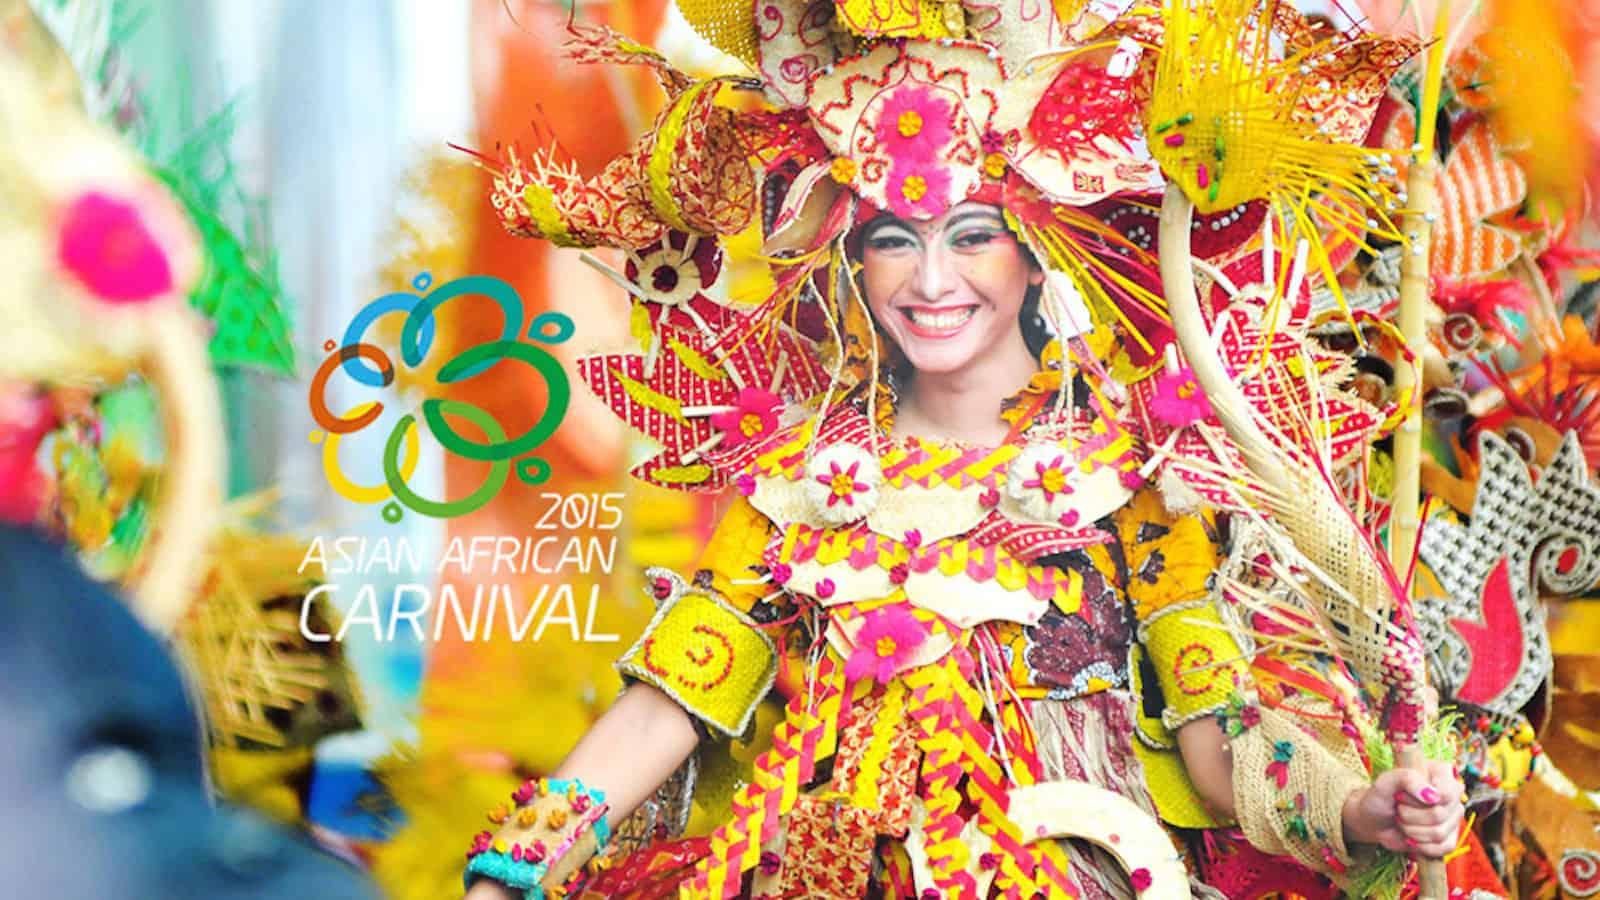 Asian African Parade 2015